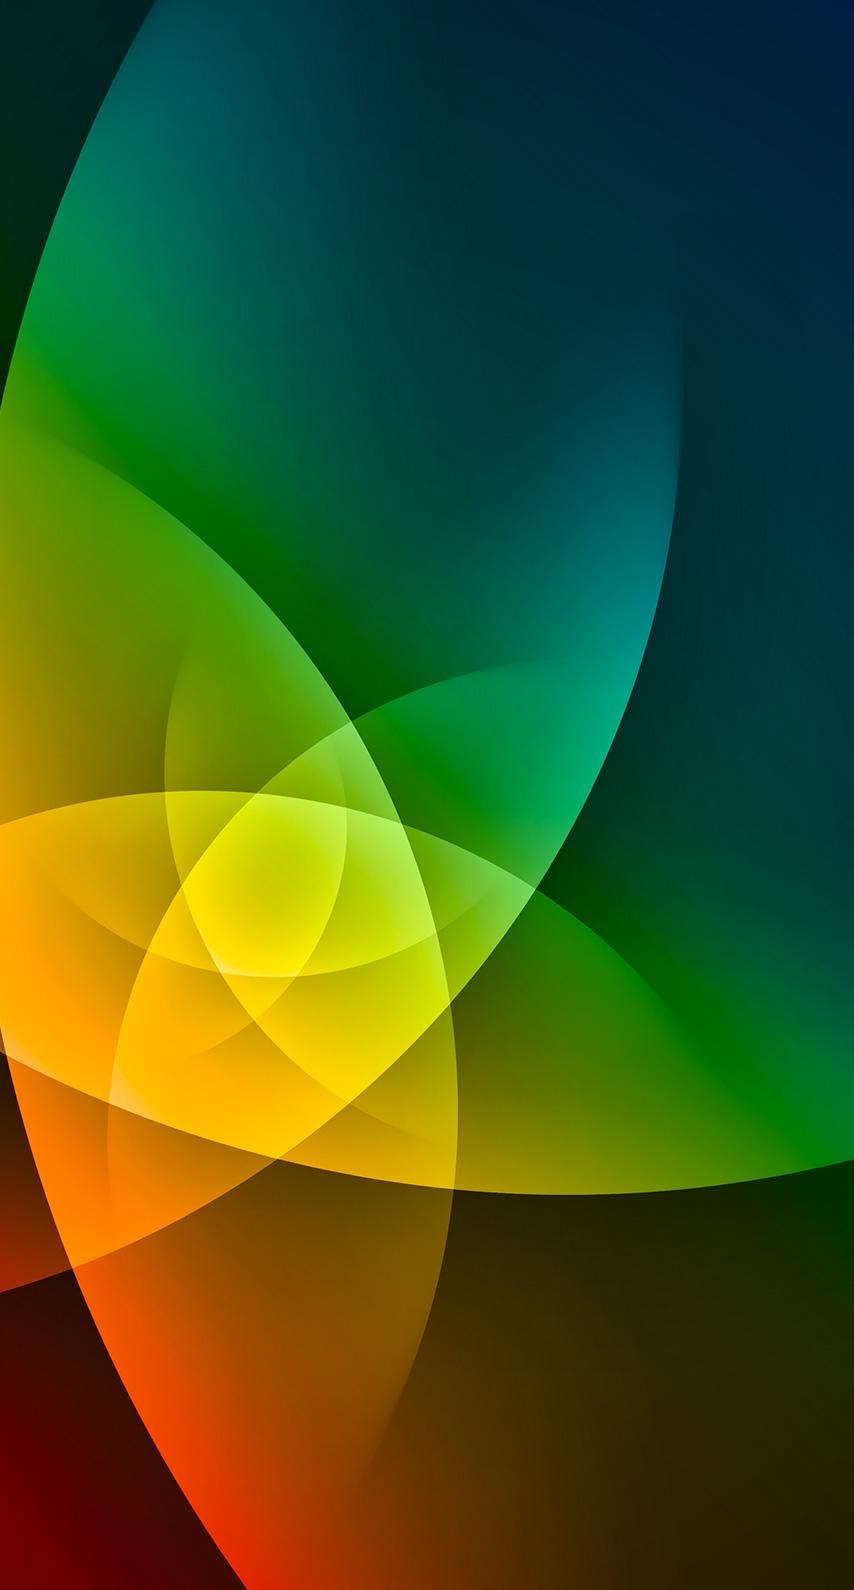 futuristic, geometric